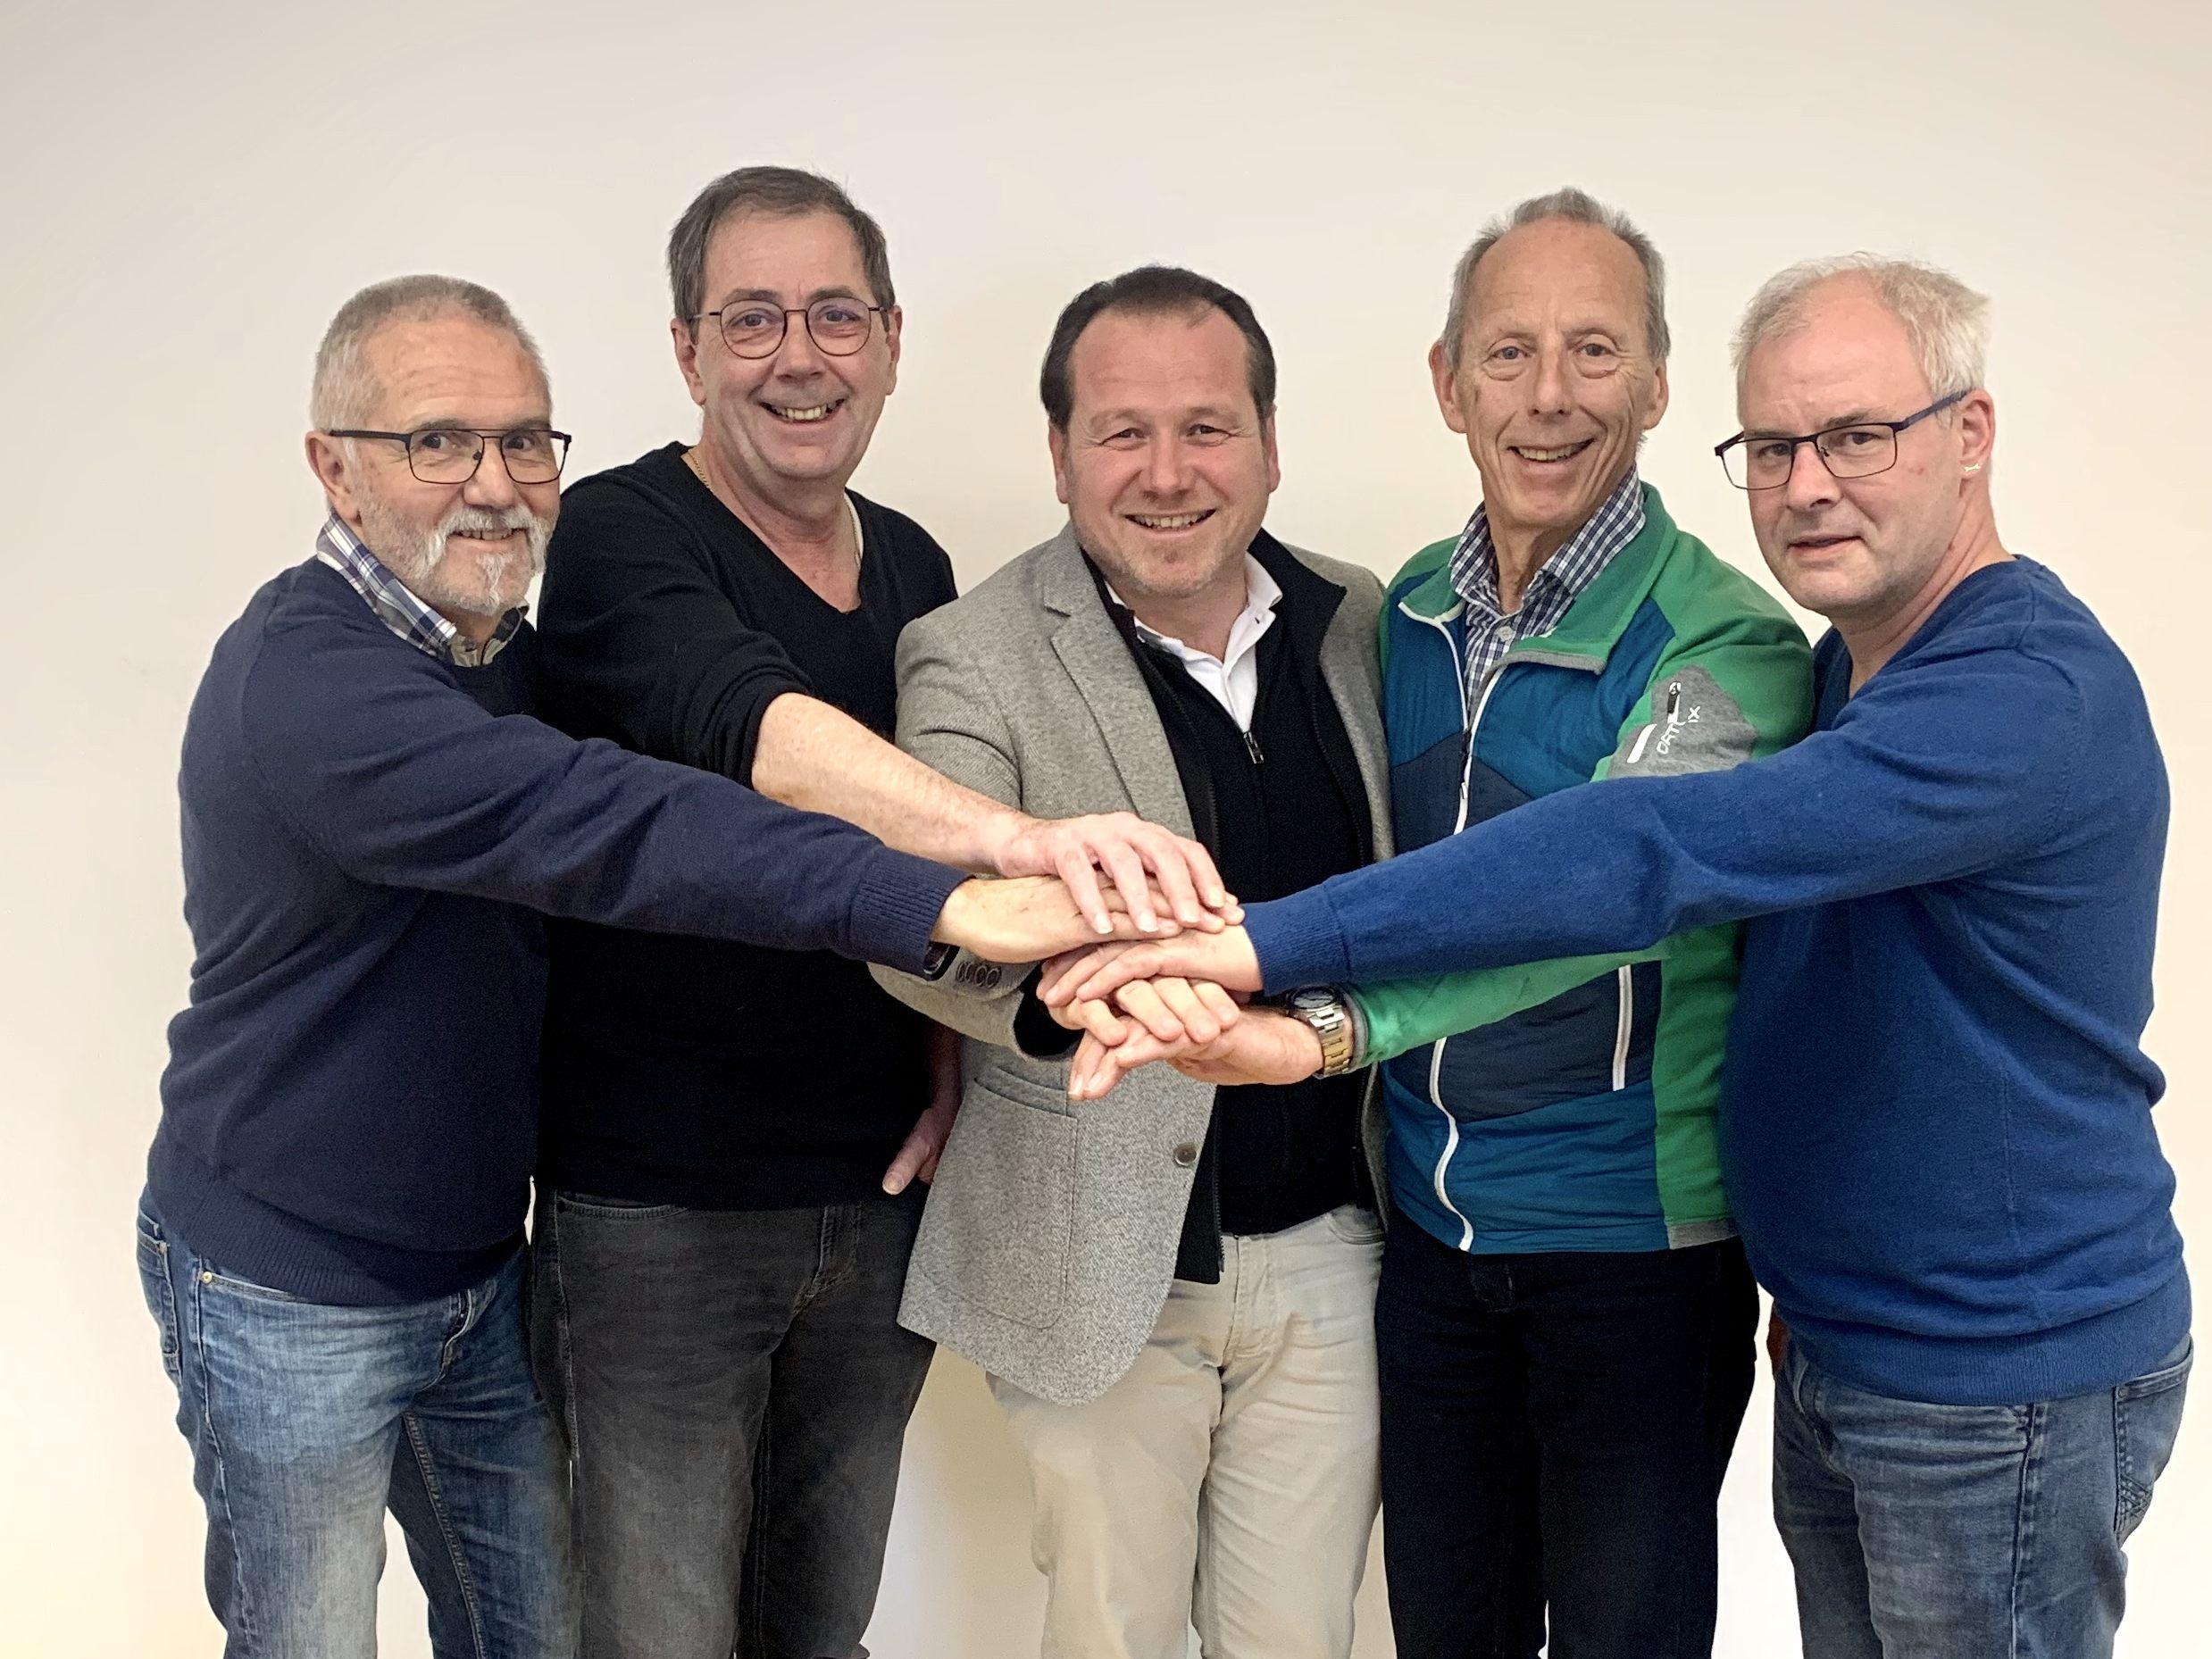 Partnerschaften - Kontaktanzeigen fr Singles auf - huggology.com